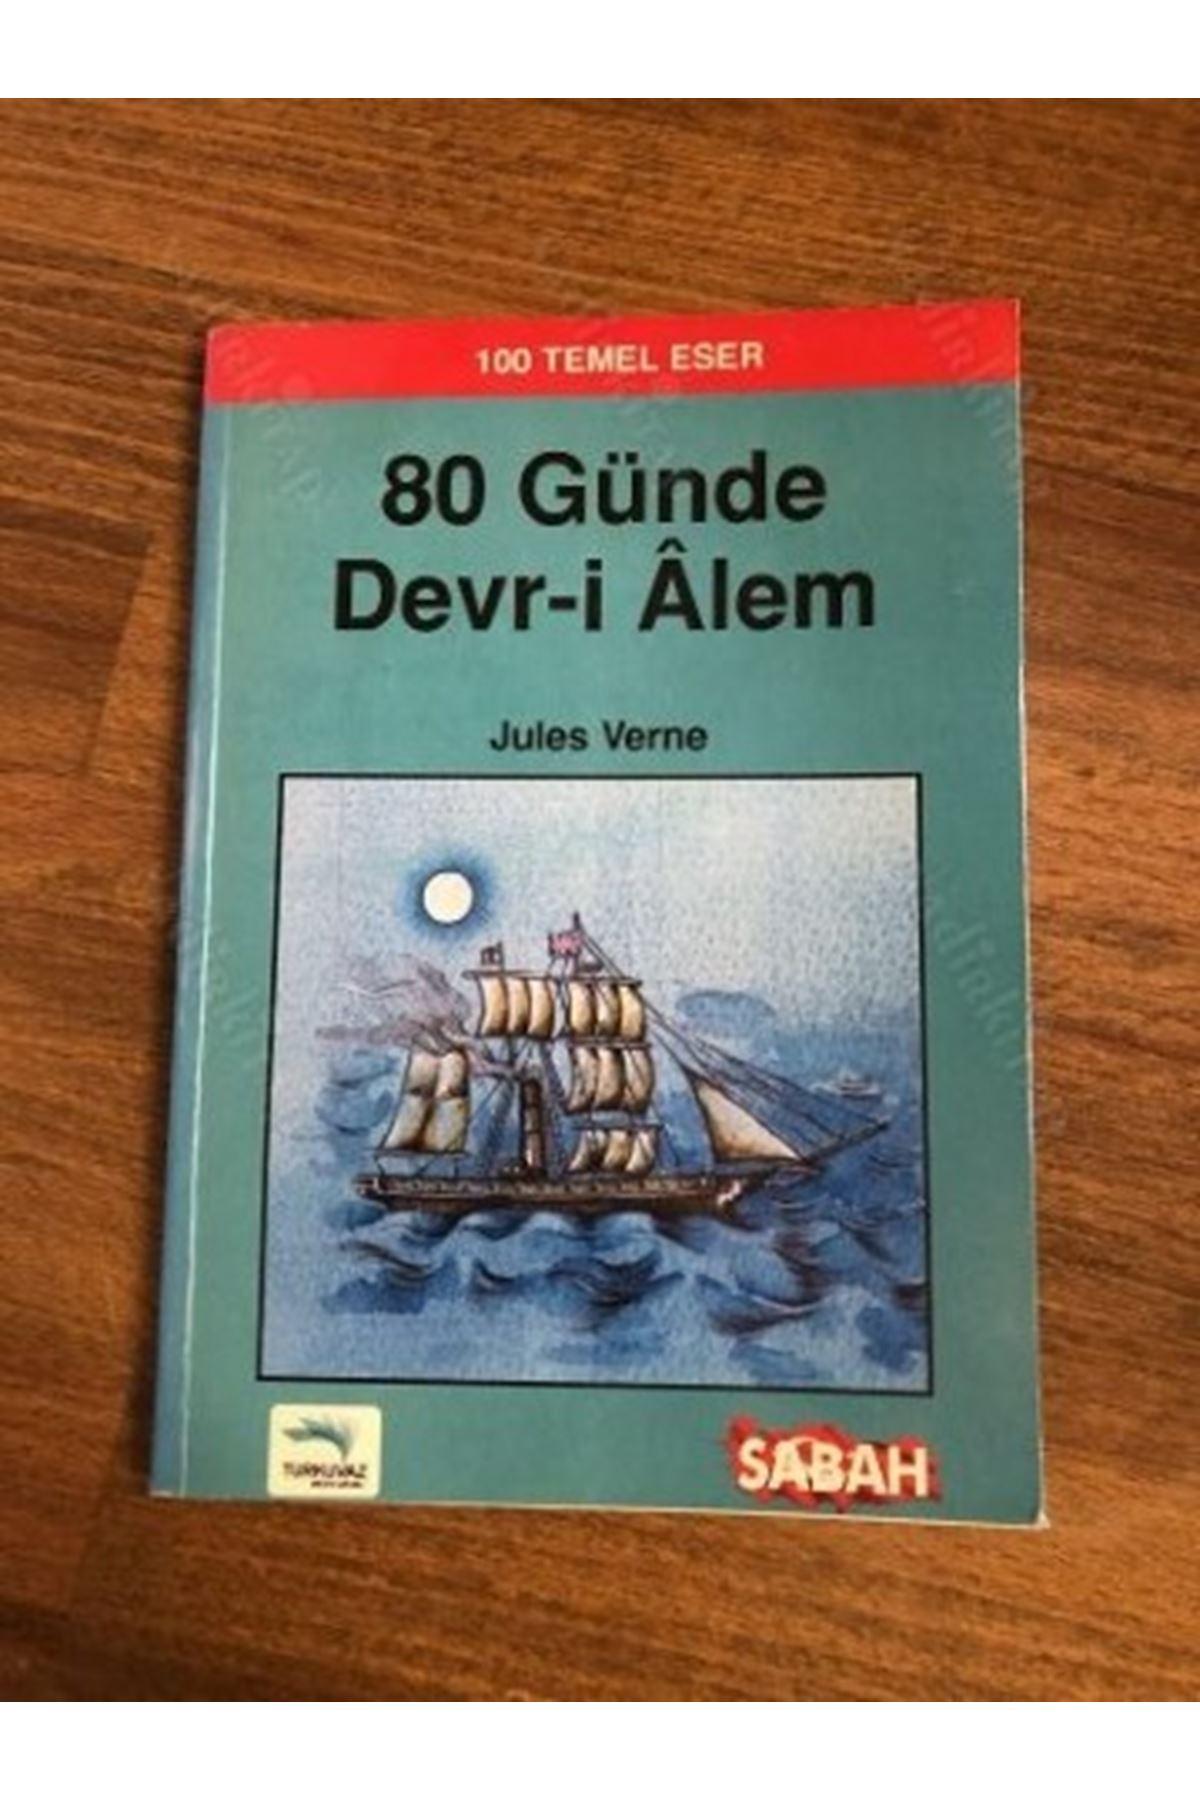 JULES VERNE - 80 GÜNDE DEVRİ ALEM